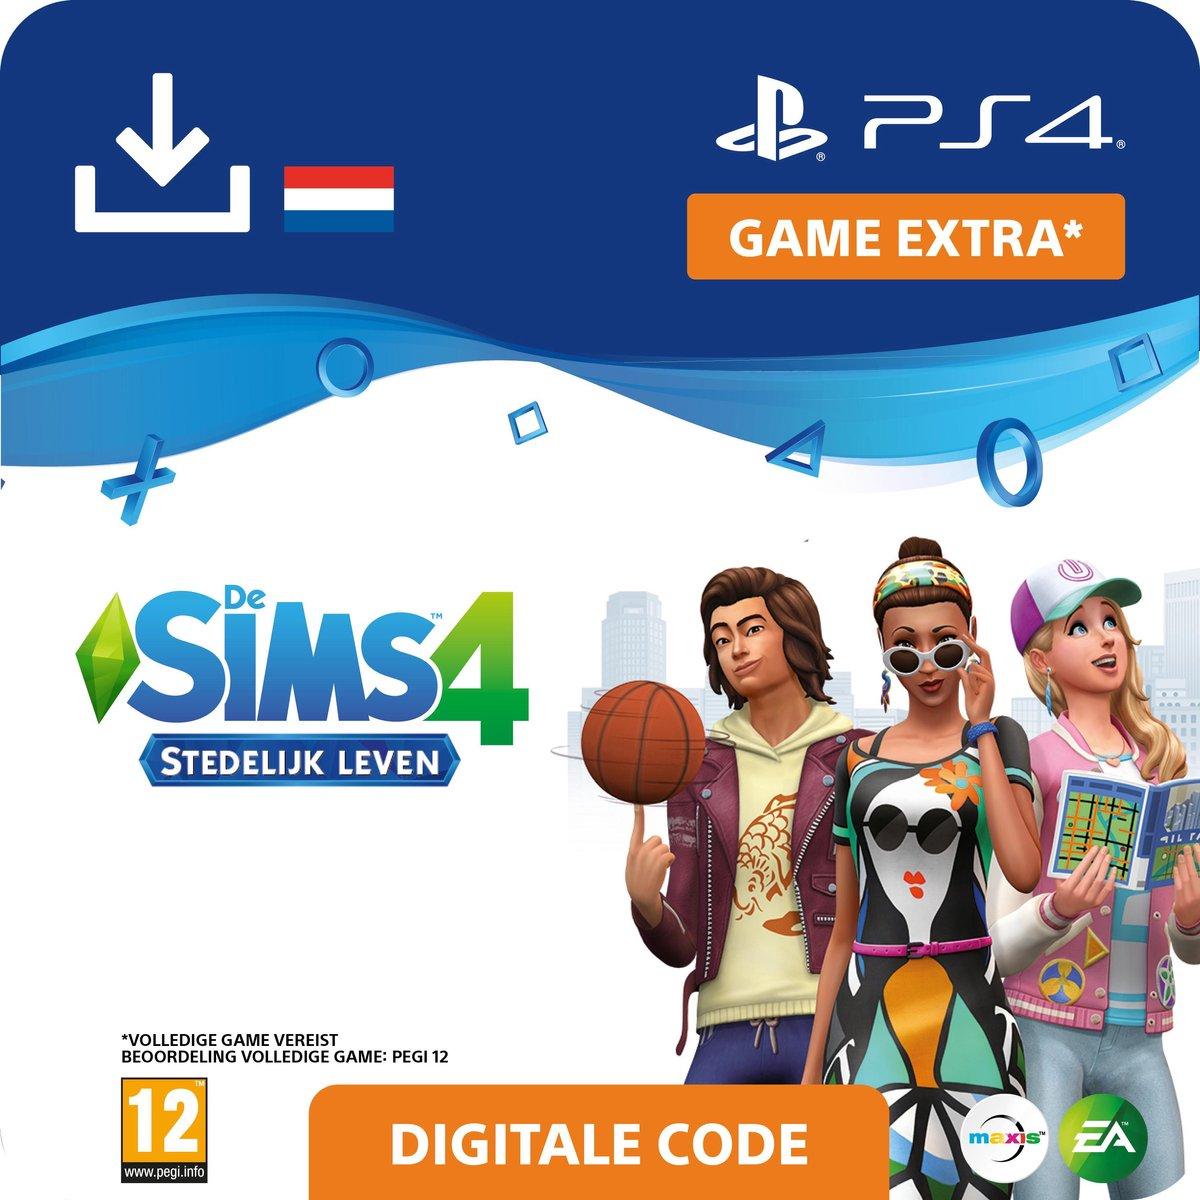 De Sims 4 - uitbreidingsset - Stedelijk Leven - NL - PS4 download